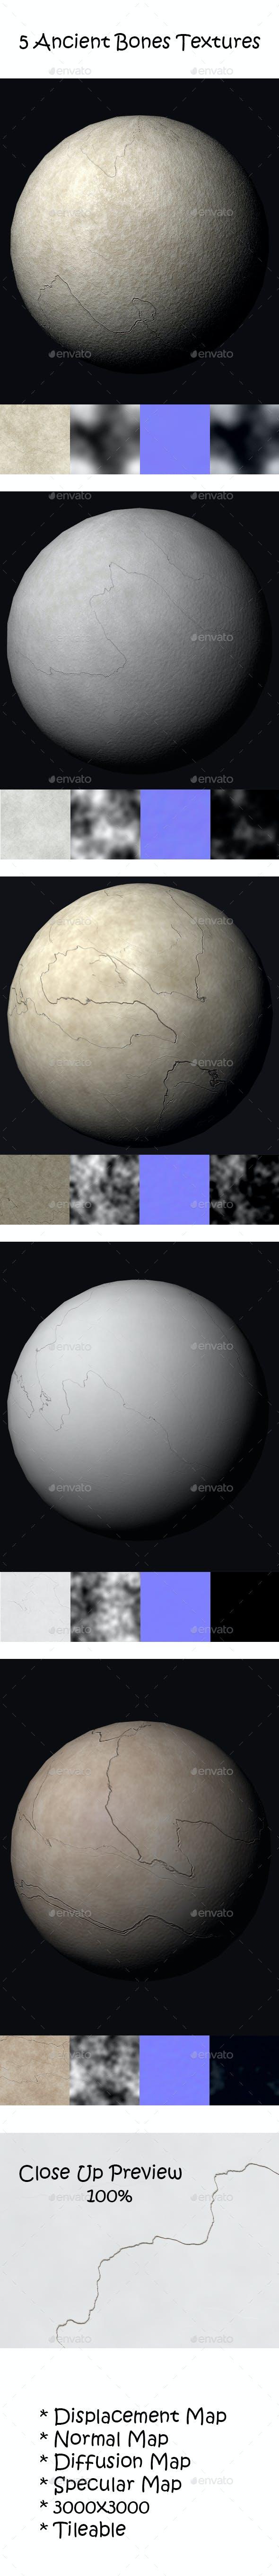 5 Ancient Bones Tileable Textures - 3DOcean Item for Sale